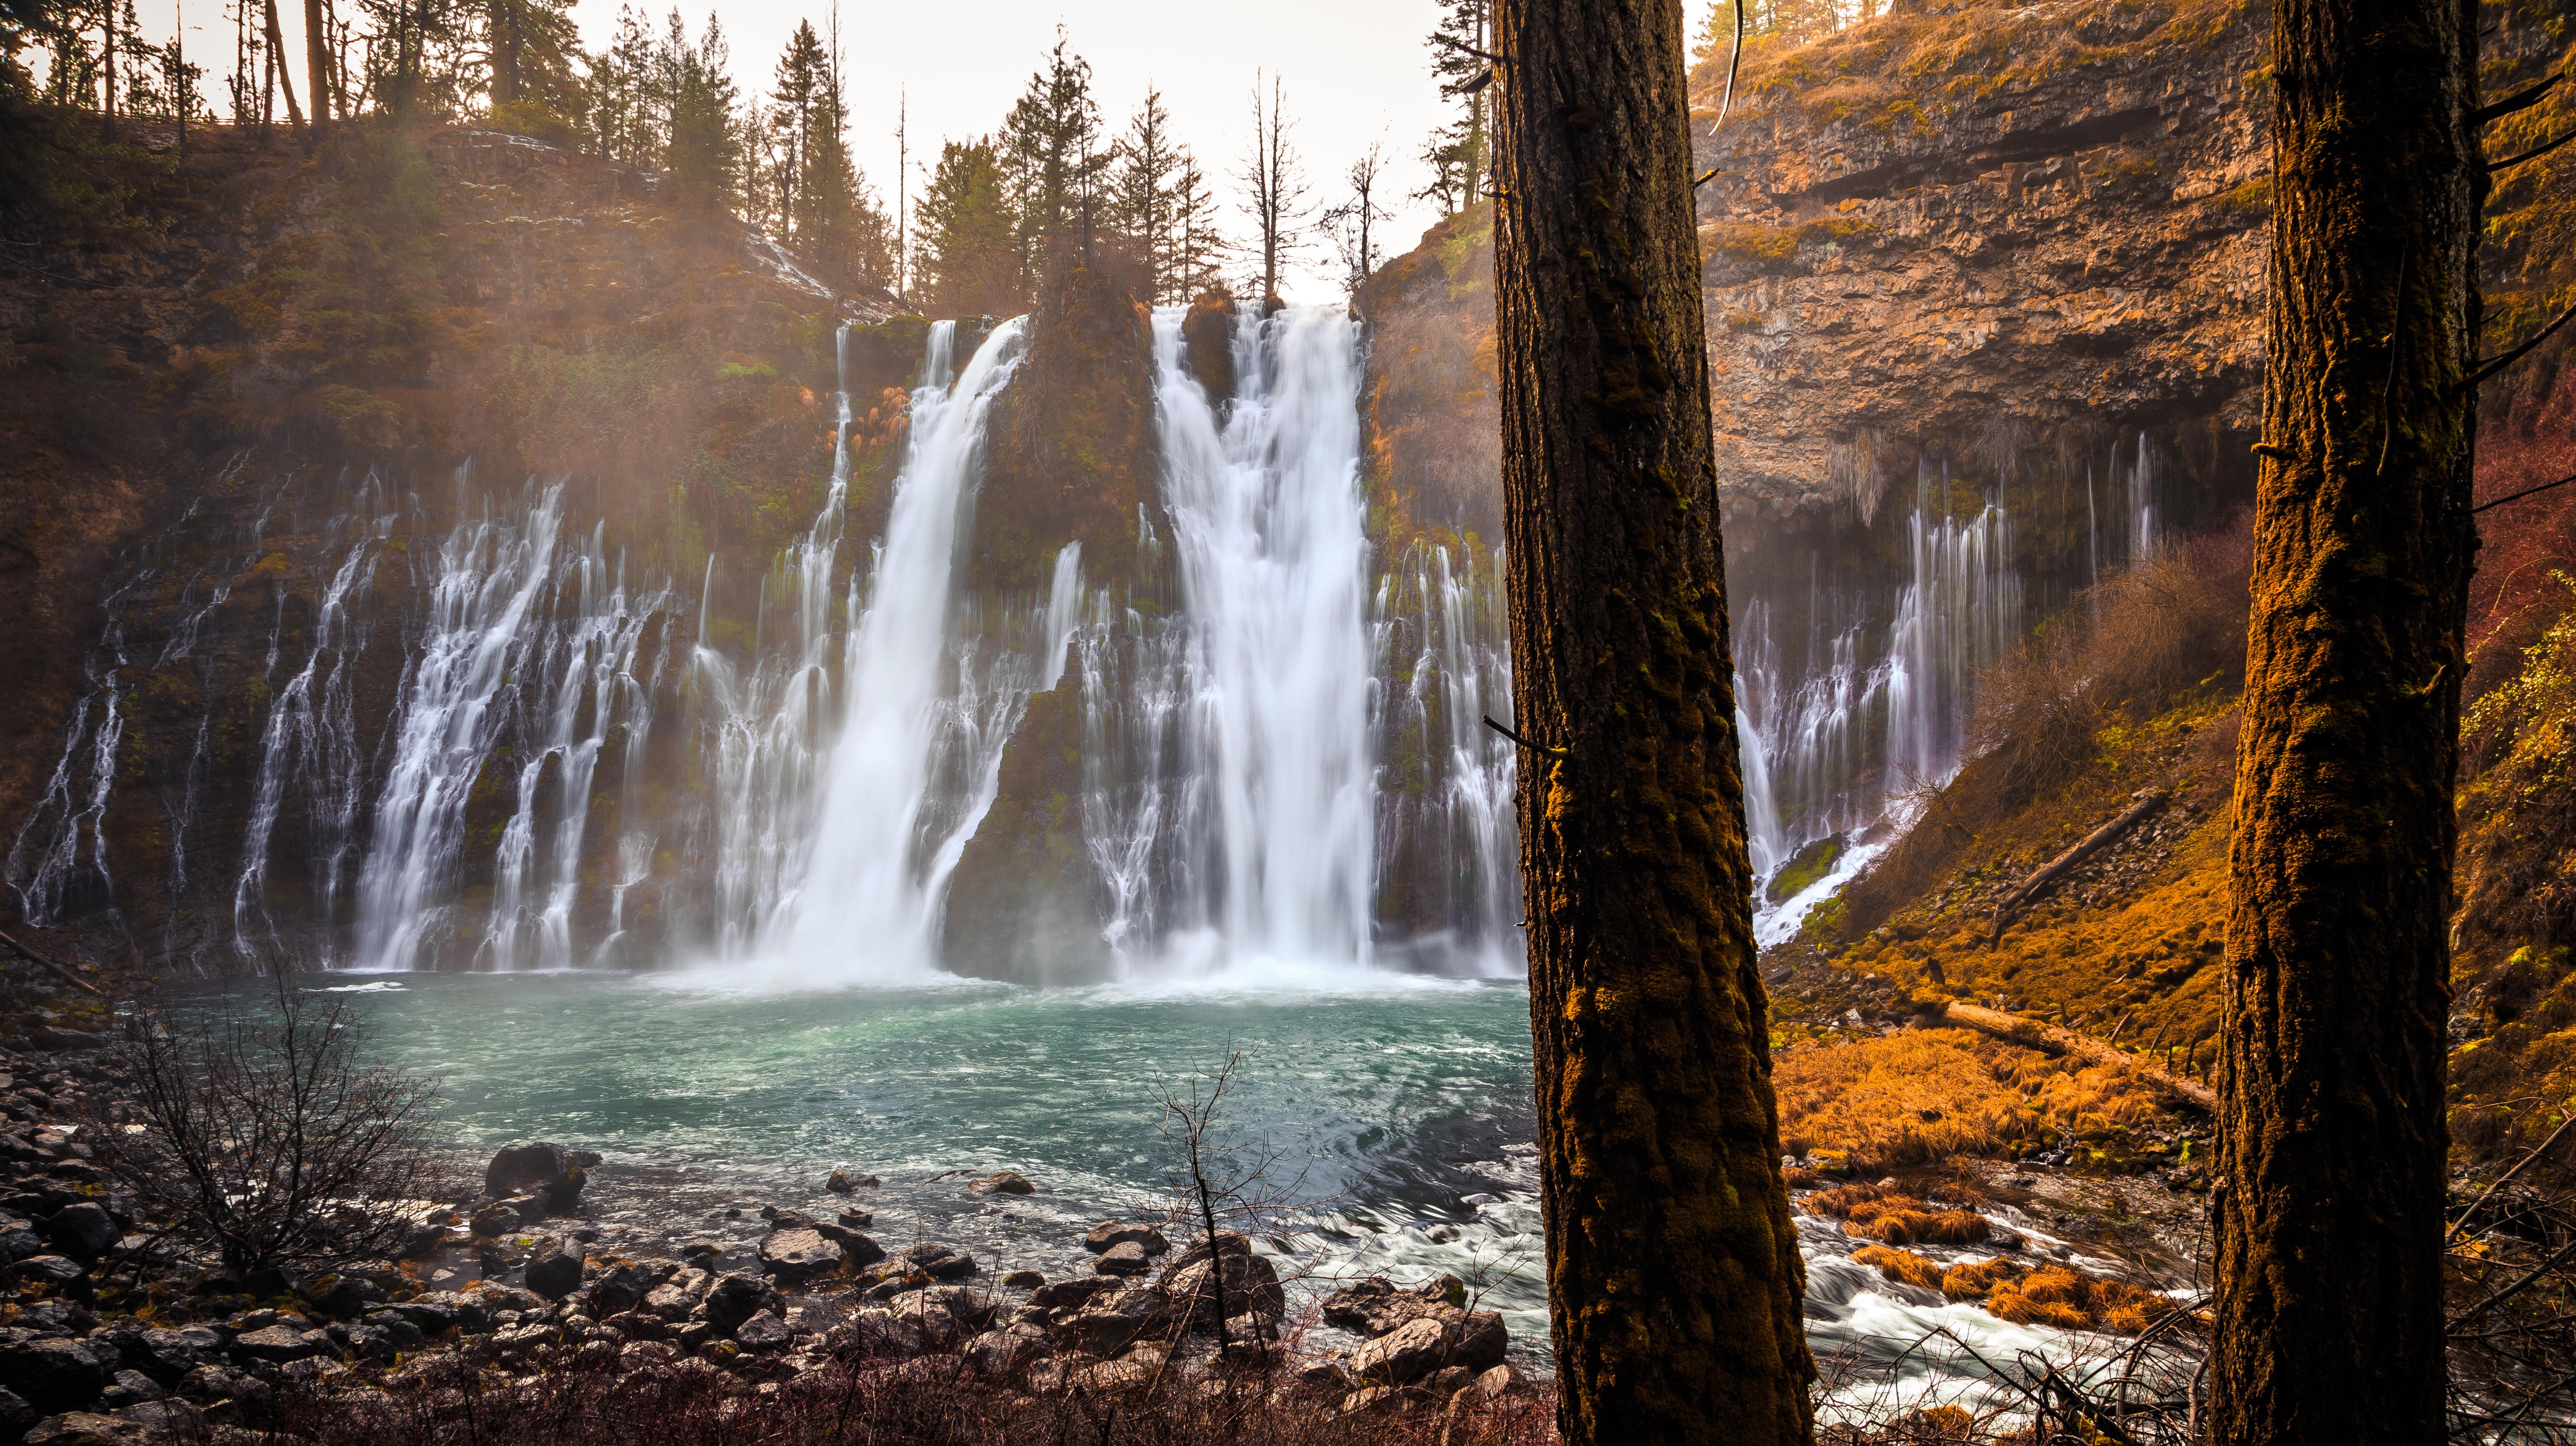 Картинки калифорнии штаты McArthur-Burney Falls Memorial State Park Скала Осень Природа Водопады Ствол дерева 5471x3071 Калифорния США америка Утес скалы скале осенние